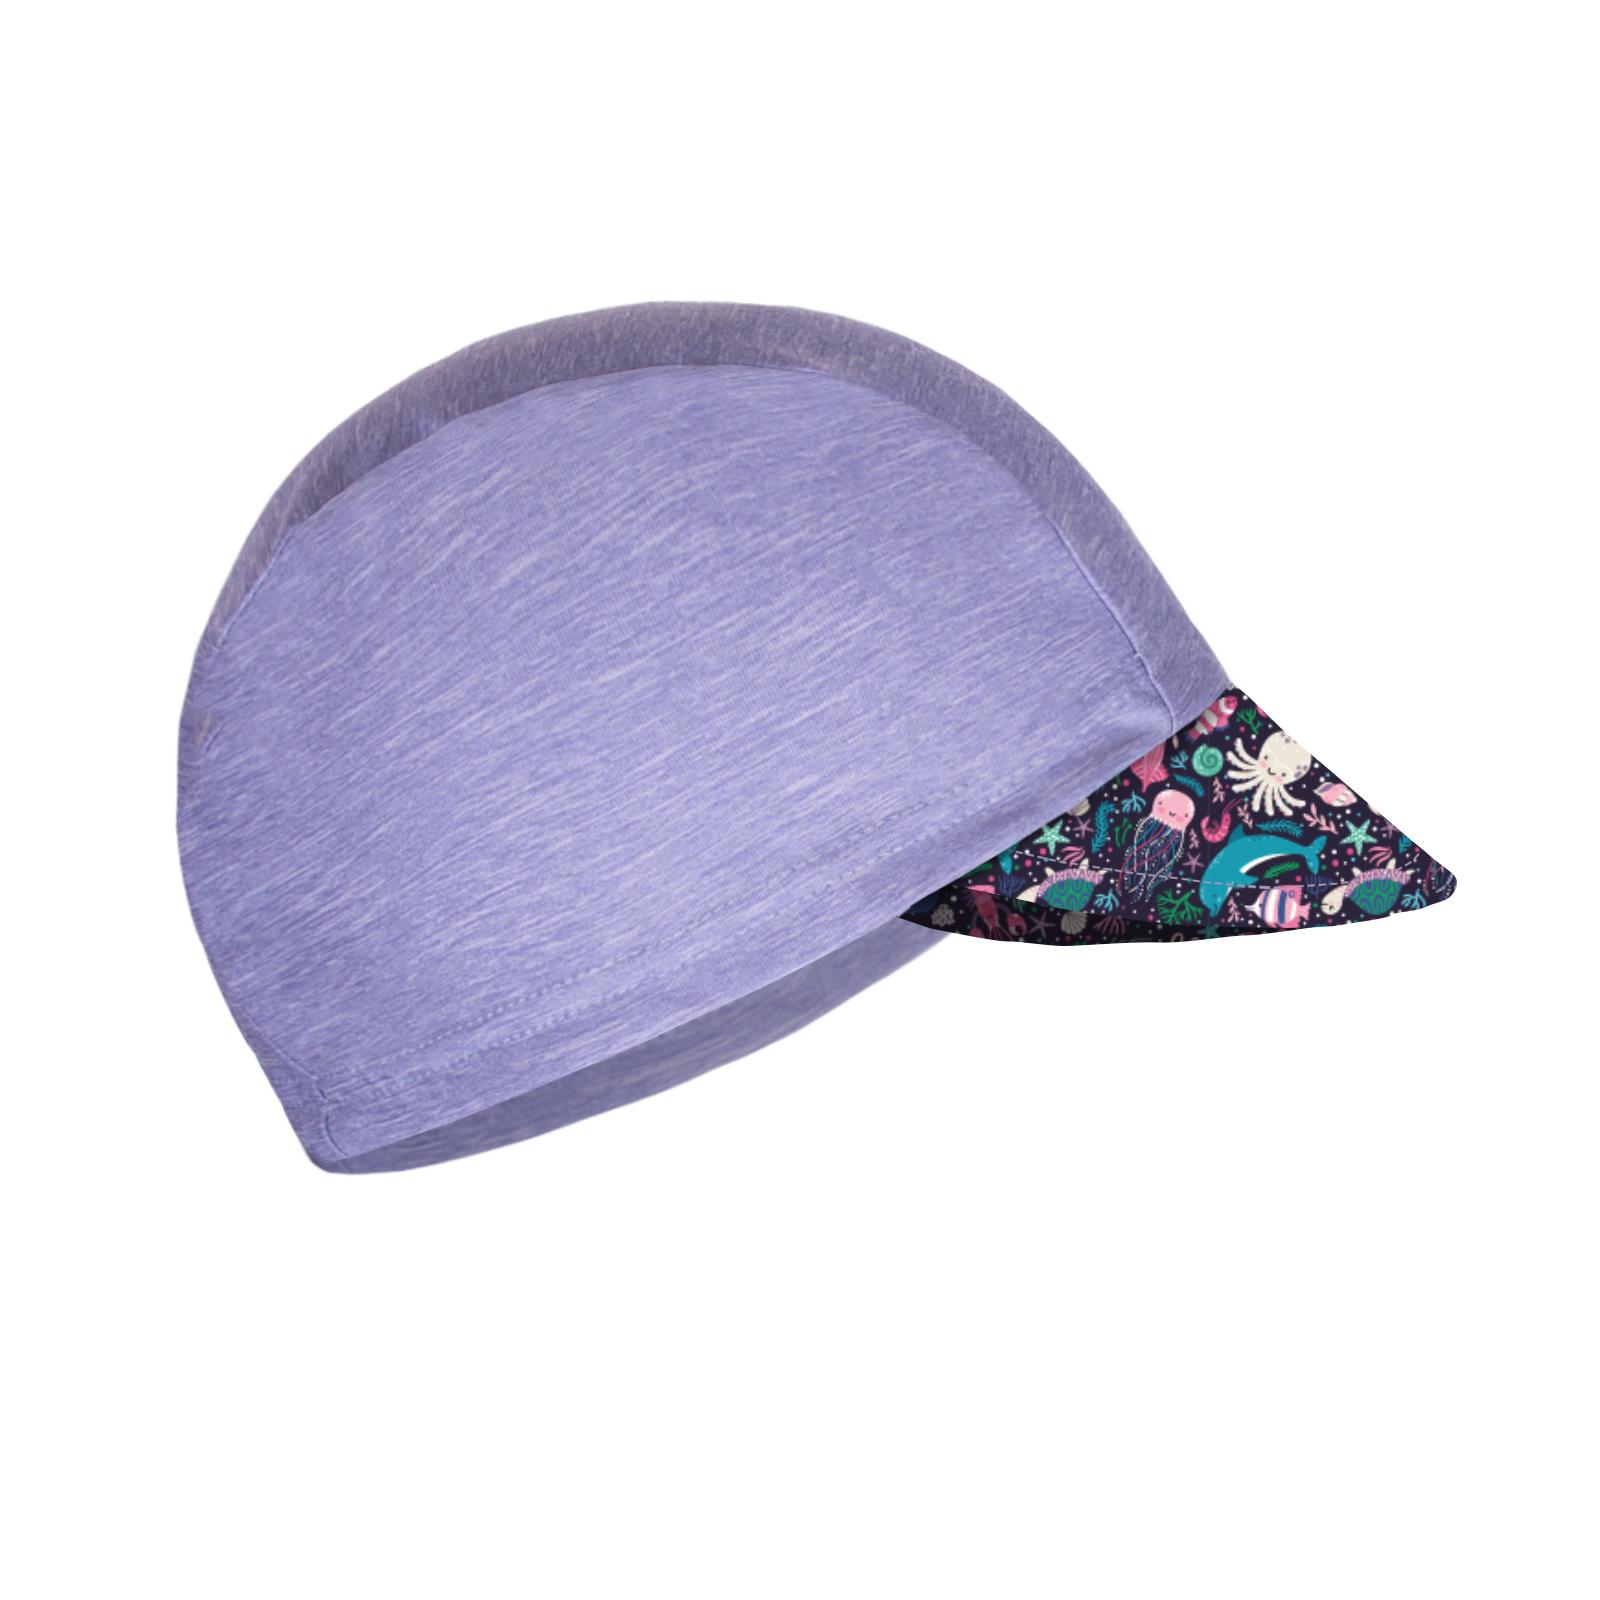 Unuo Funkční čepice s kšiltem UV 50+, Žíhaná holubičí šedá, Mořský svět